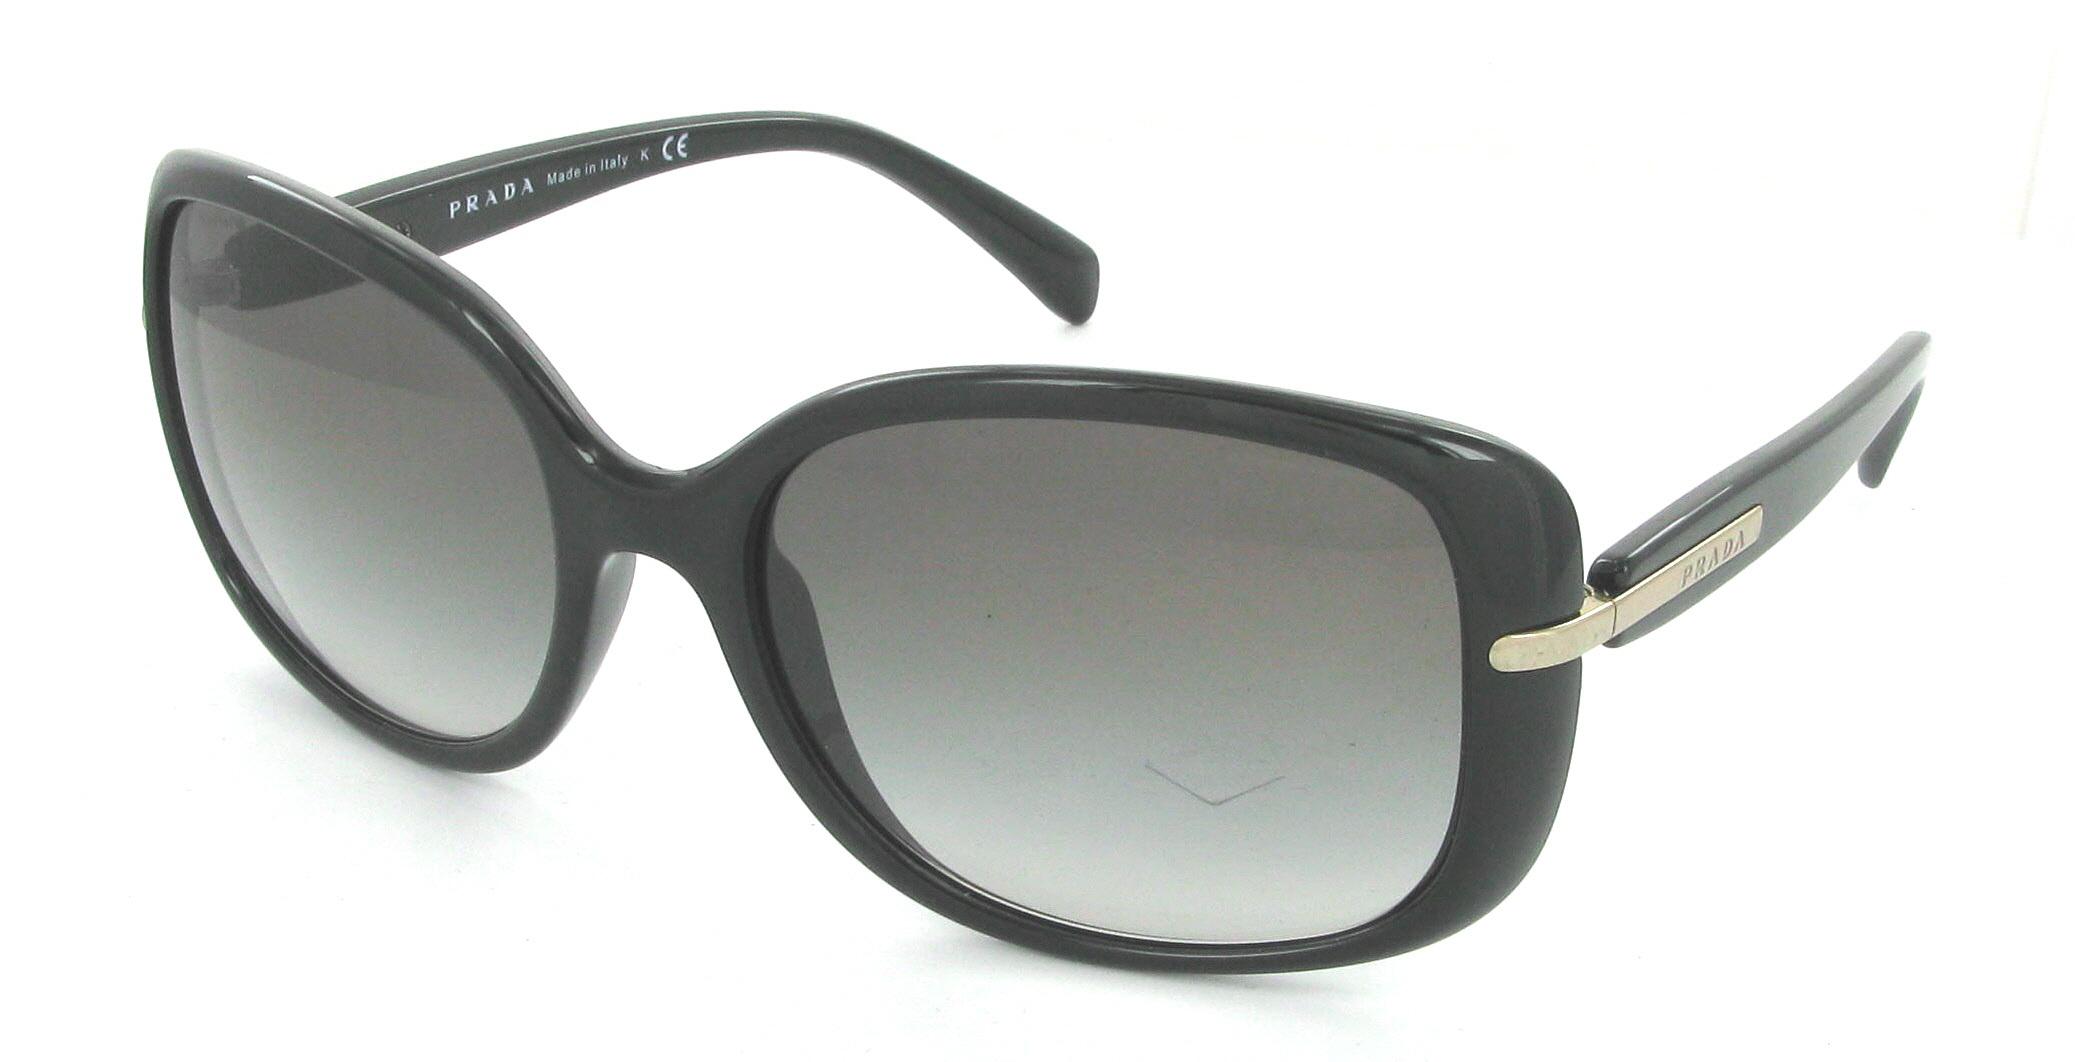 lunettes de soleil reebok homme 2015